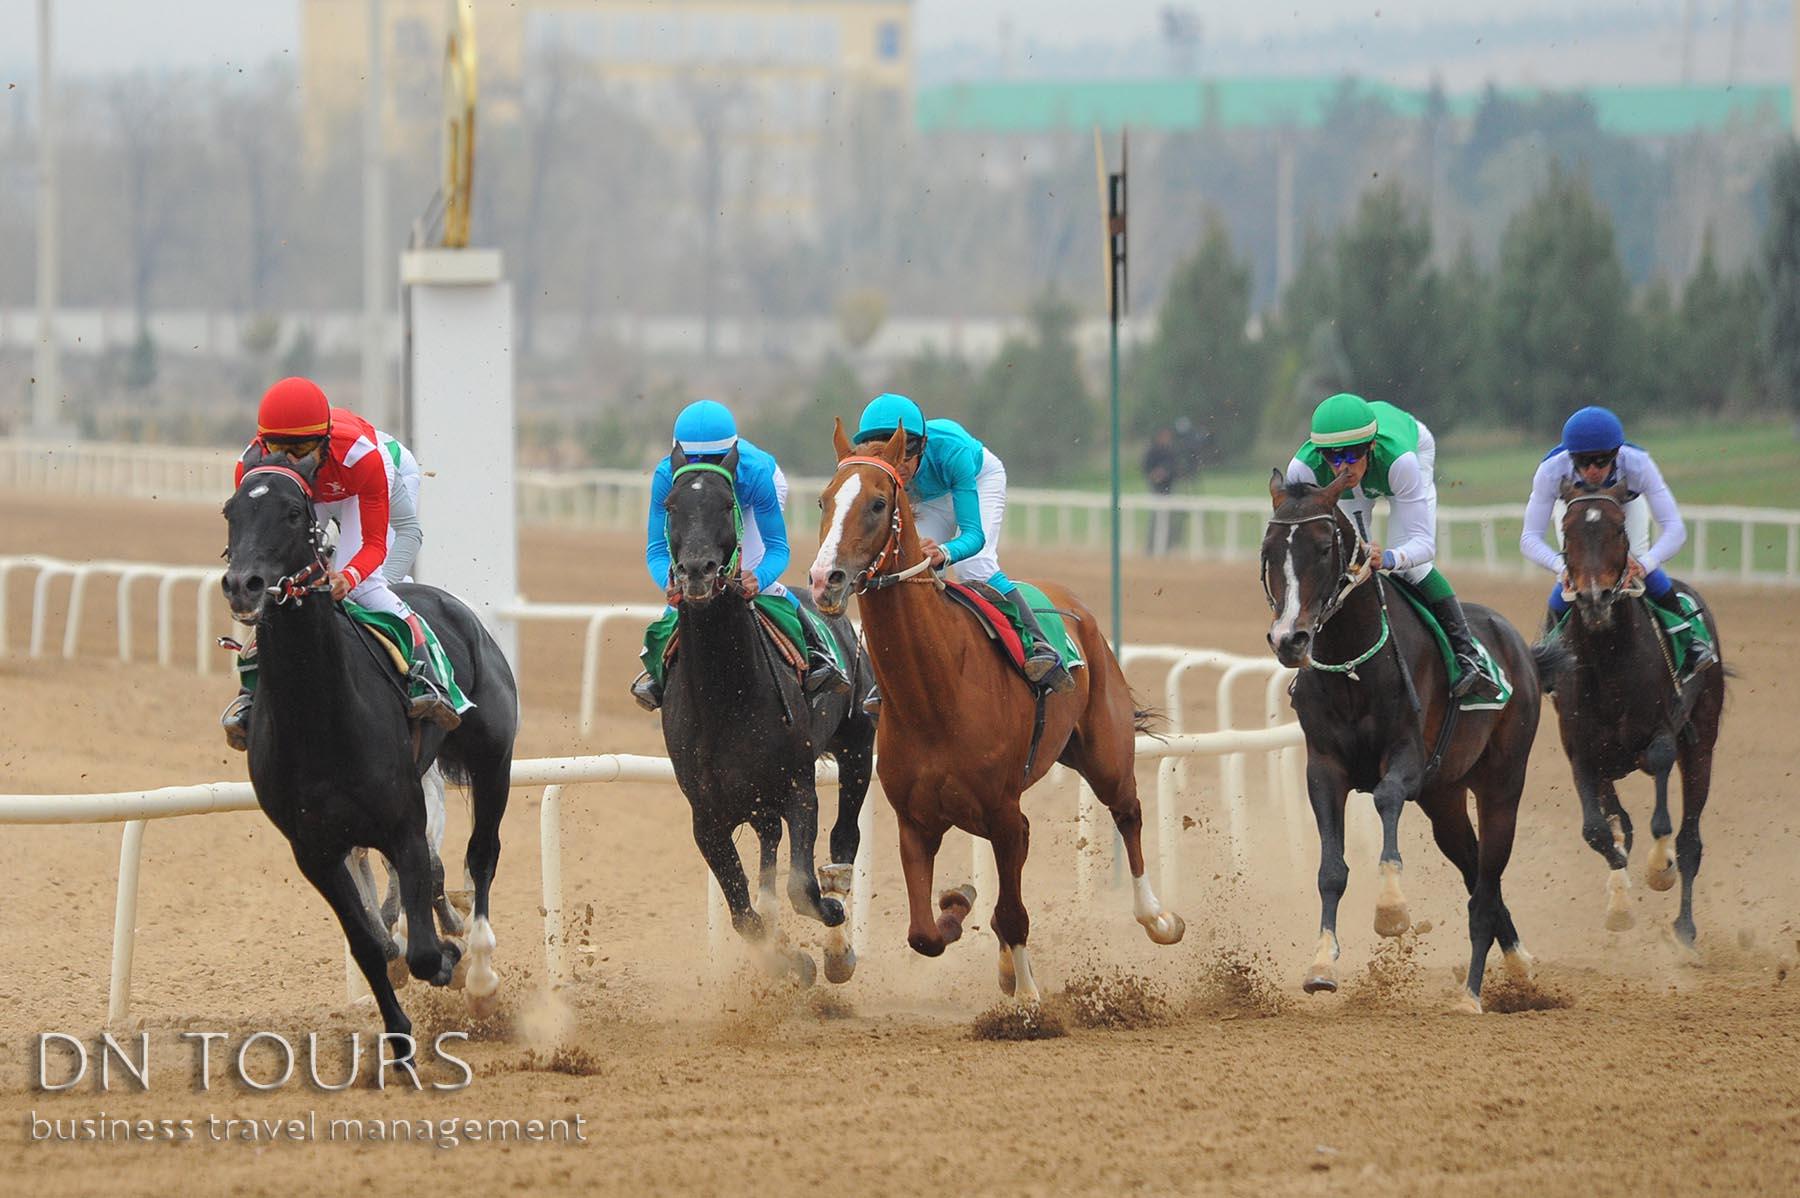 Скачки, Ахалтекинцы, Туркменистан